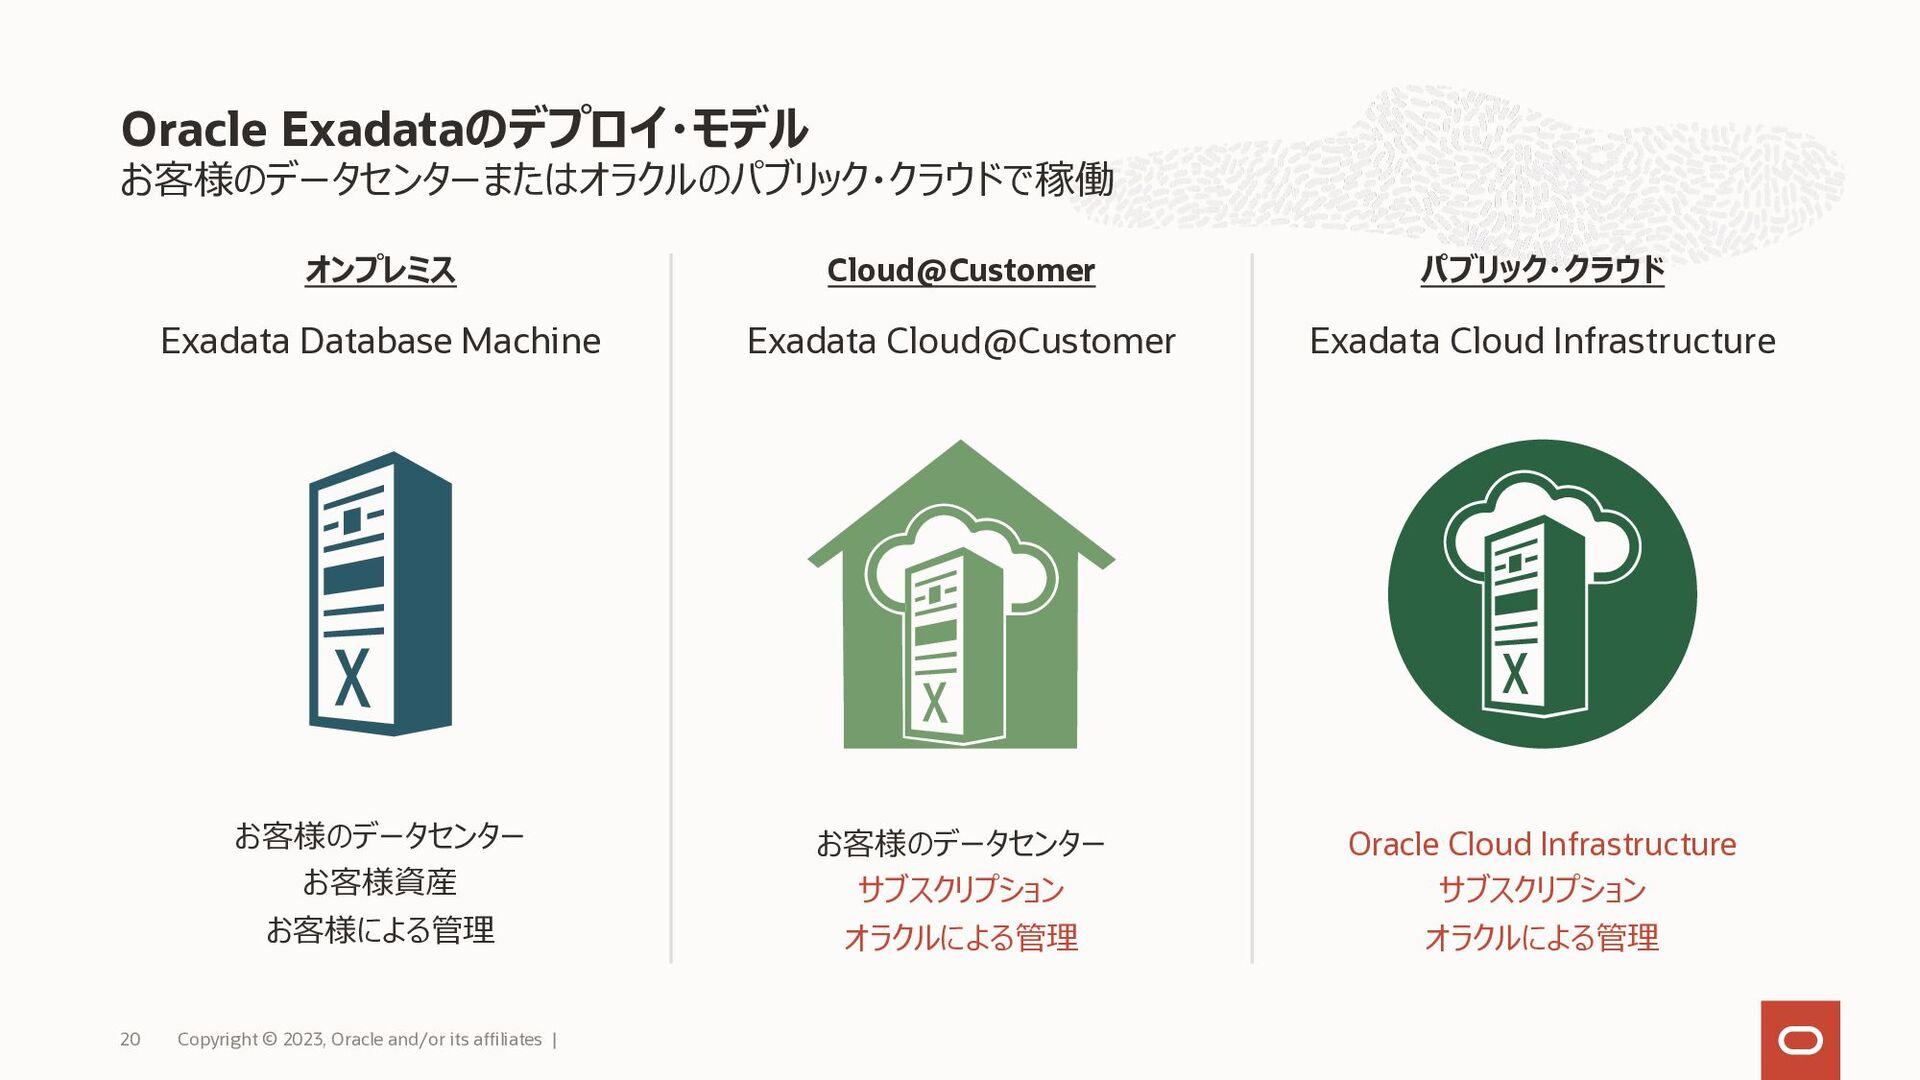 Oracleのソリューションをプラットフォームから支えているExadata Copyright...